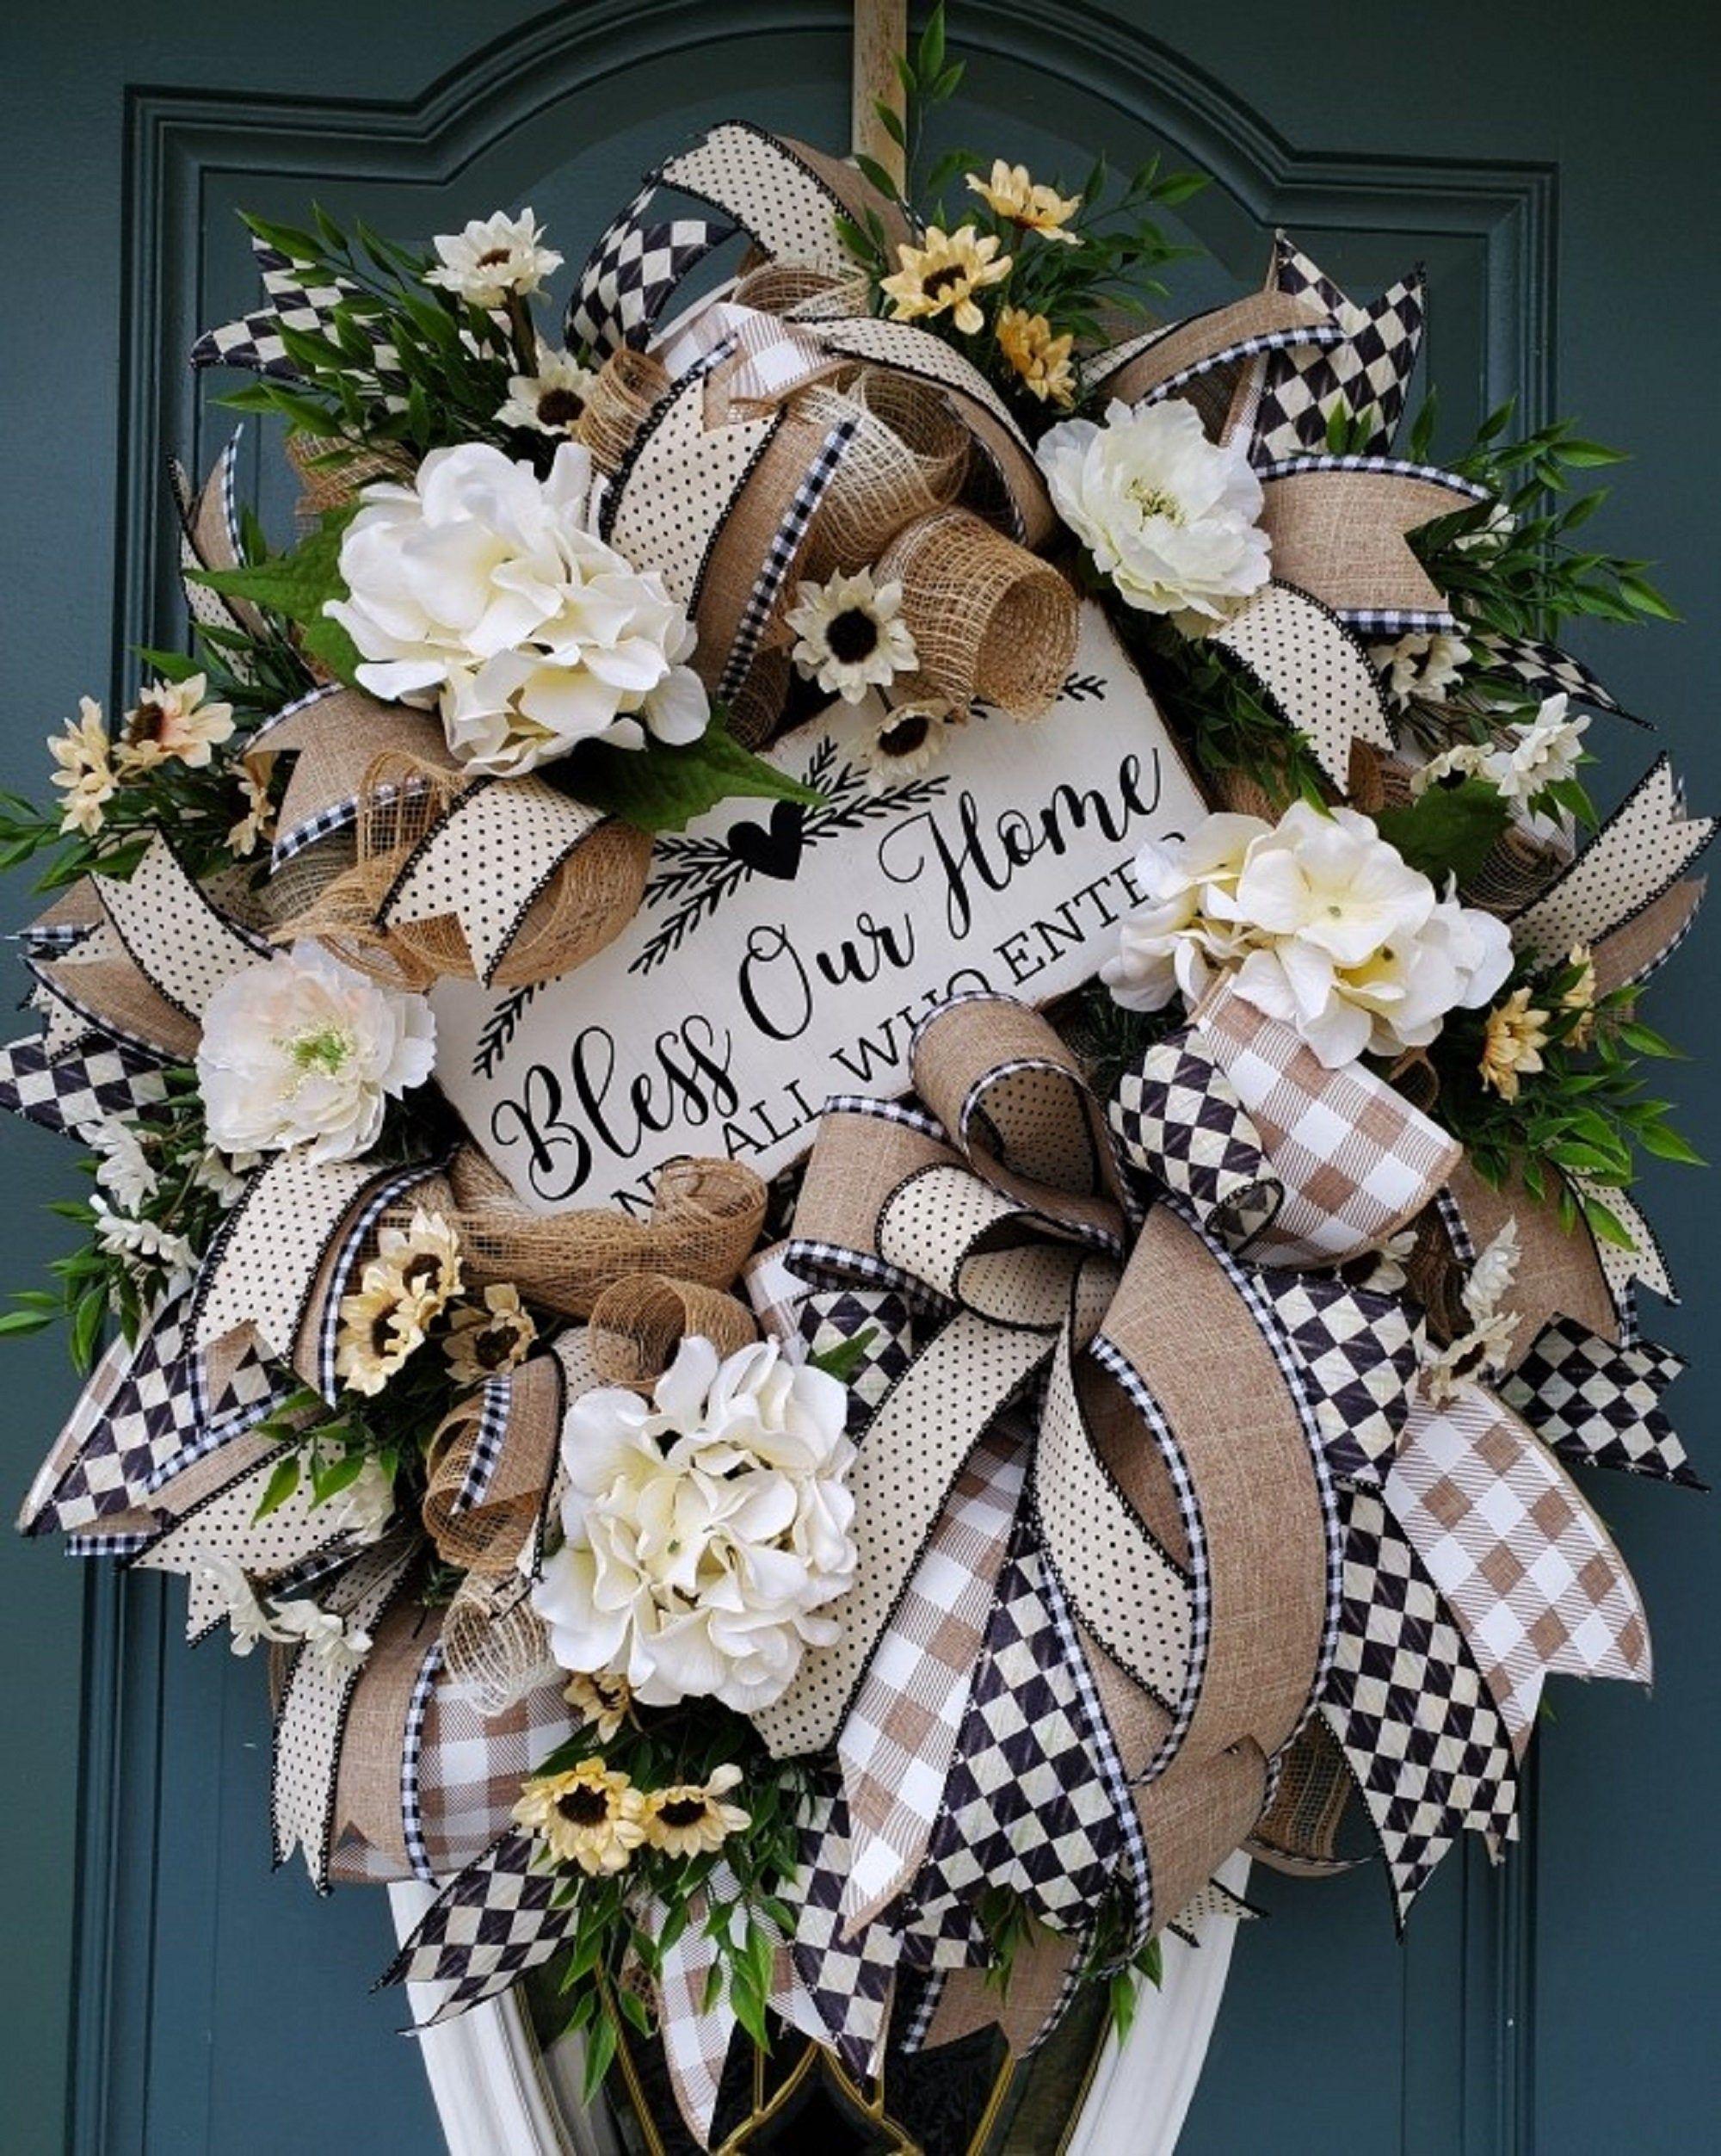 Photo of XL Deluxe front door wreath / farmer wreath for front door / Bless our house wreath / summer wreath / welcome wreath / everyday wreath